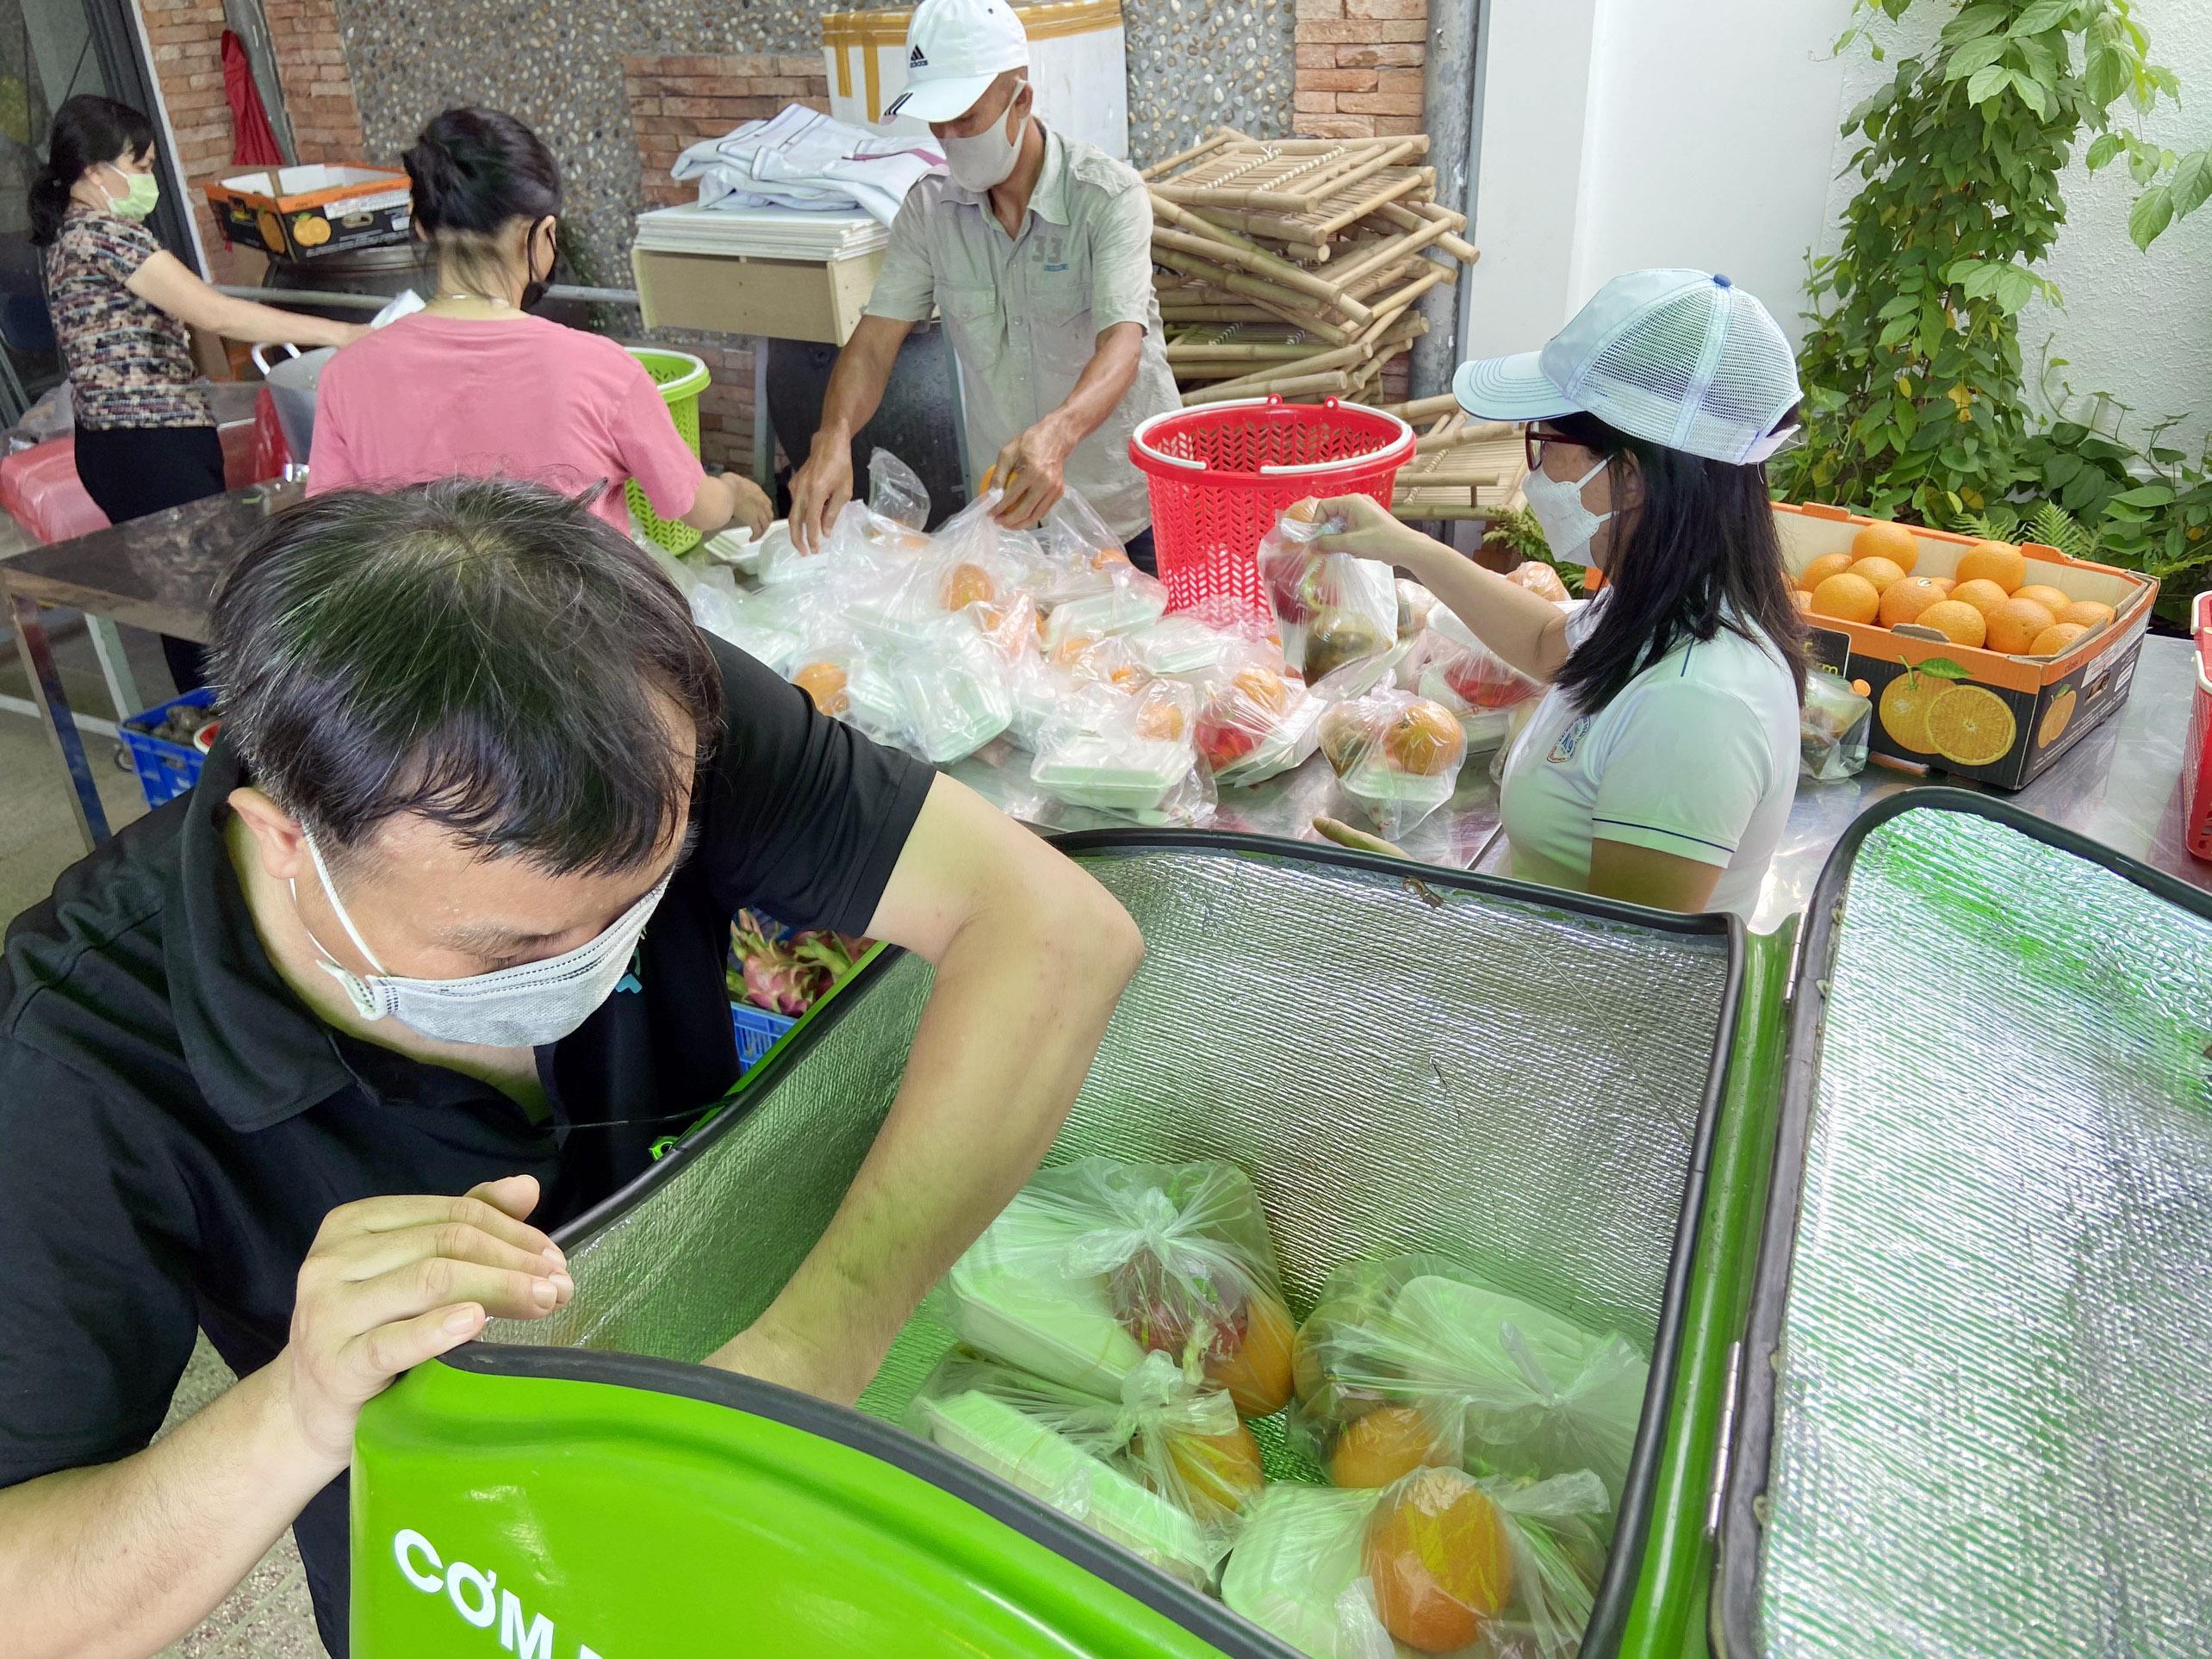 """Những """"anh chàng shipper"""" đi khắp Sài Gòn để phát 1.500 suất ăn miễn phí cho người nghèo - 7"""